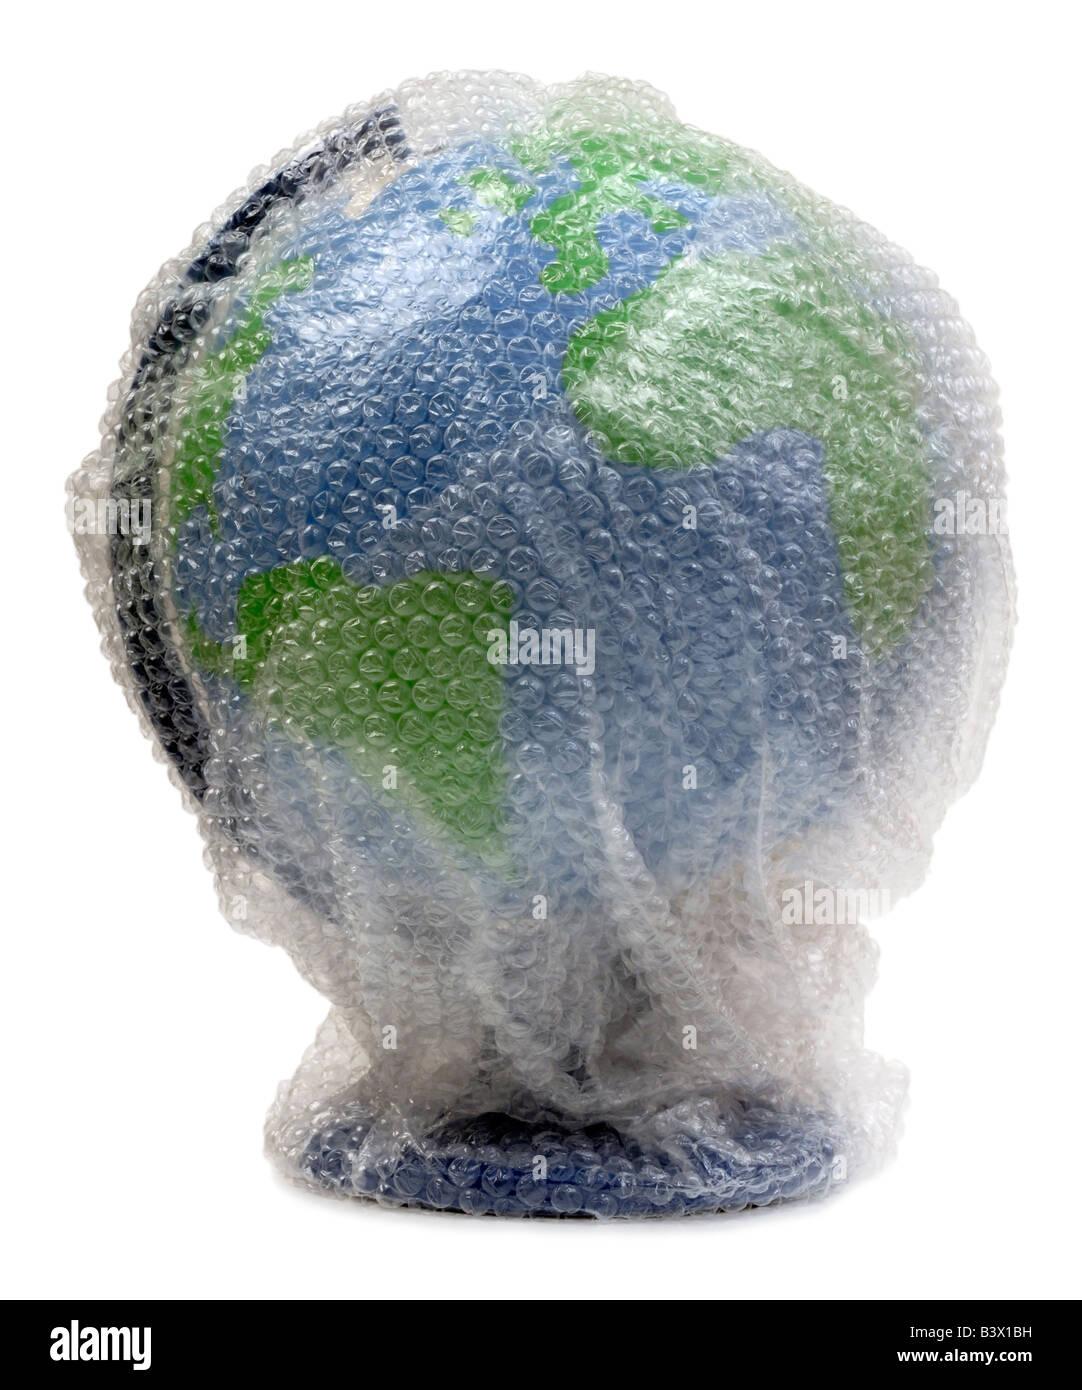 Globus in Luftpolsterfolie eingewickelt Stockbild